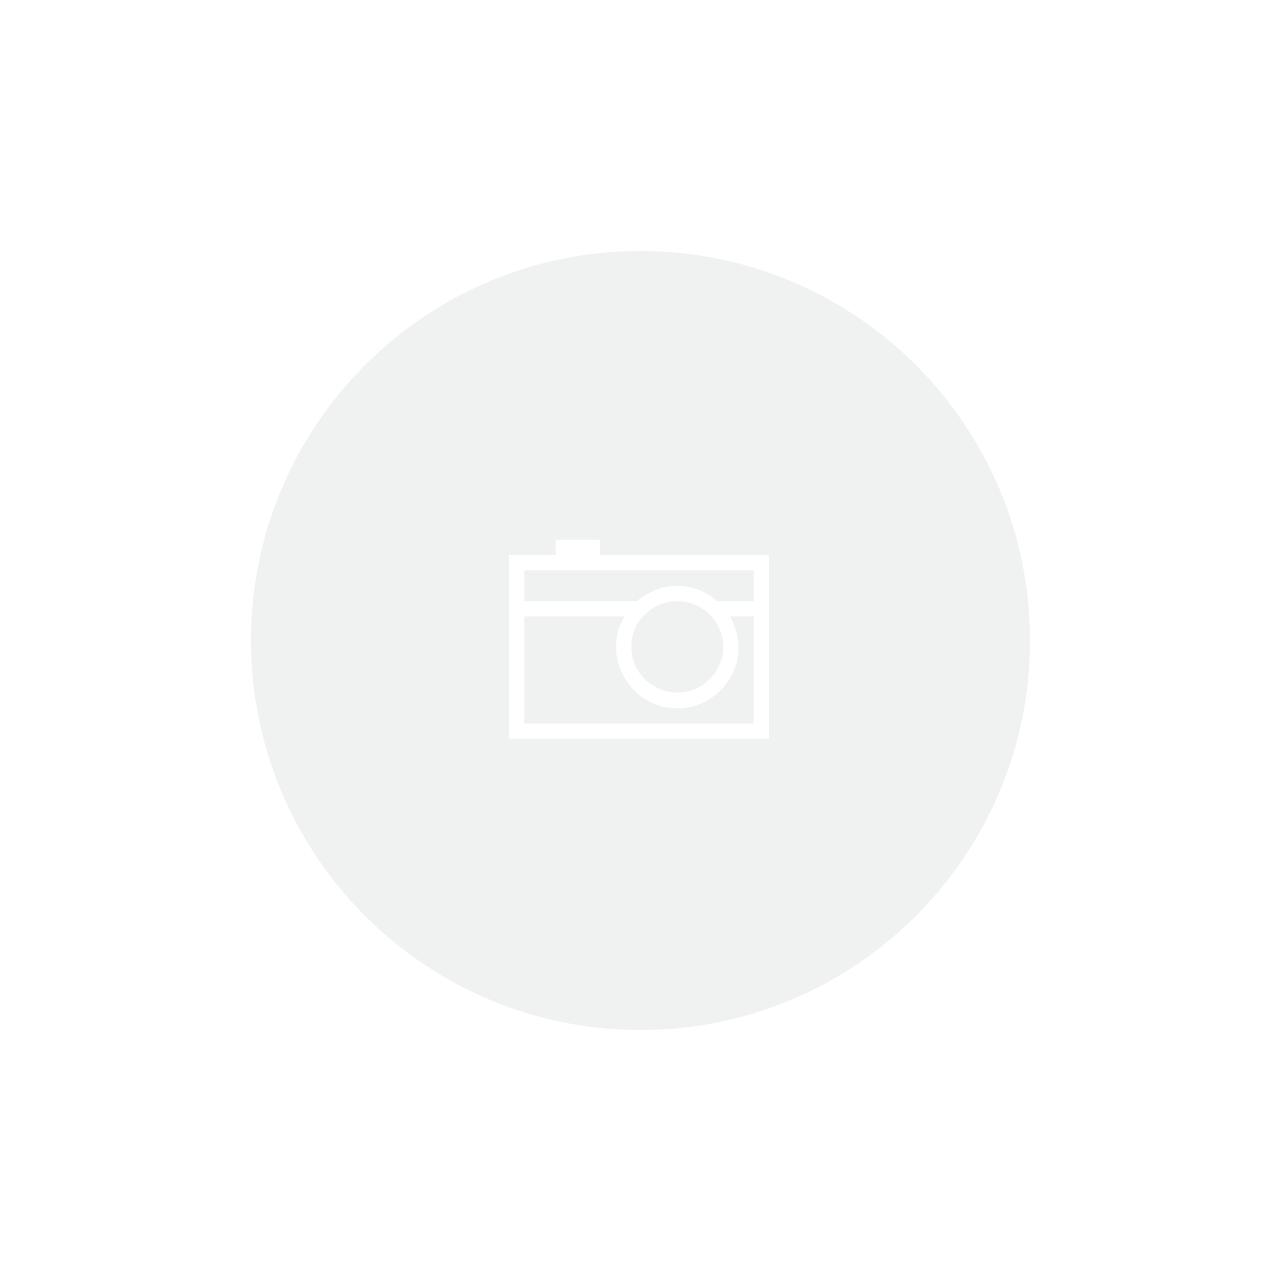 Placa de Vídeo VGA NVIDIA Zotac GEFORCE GTX 1060 AMP! 6GB DDR5 192Bits 8008MHZ DP/HDMI/DVI ZT-P10600B-10M